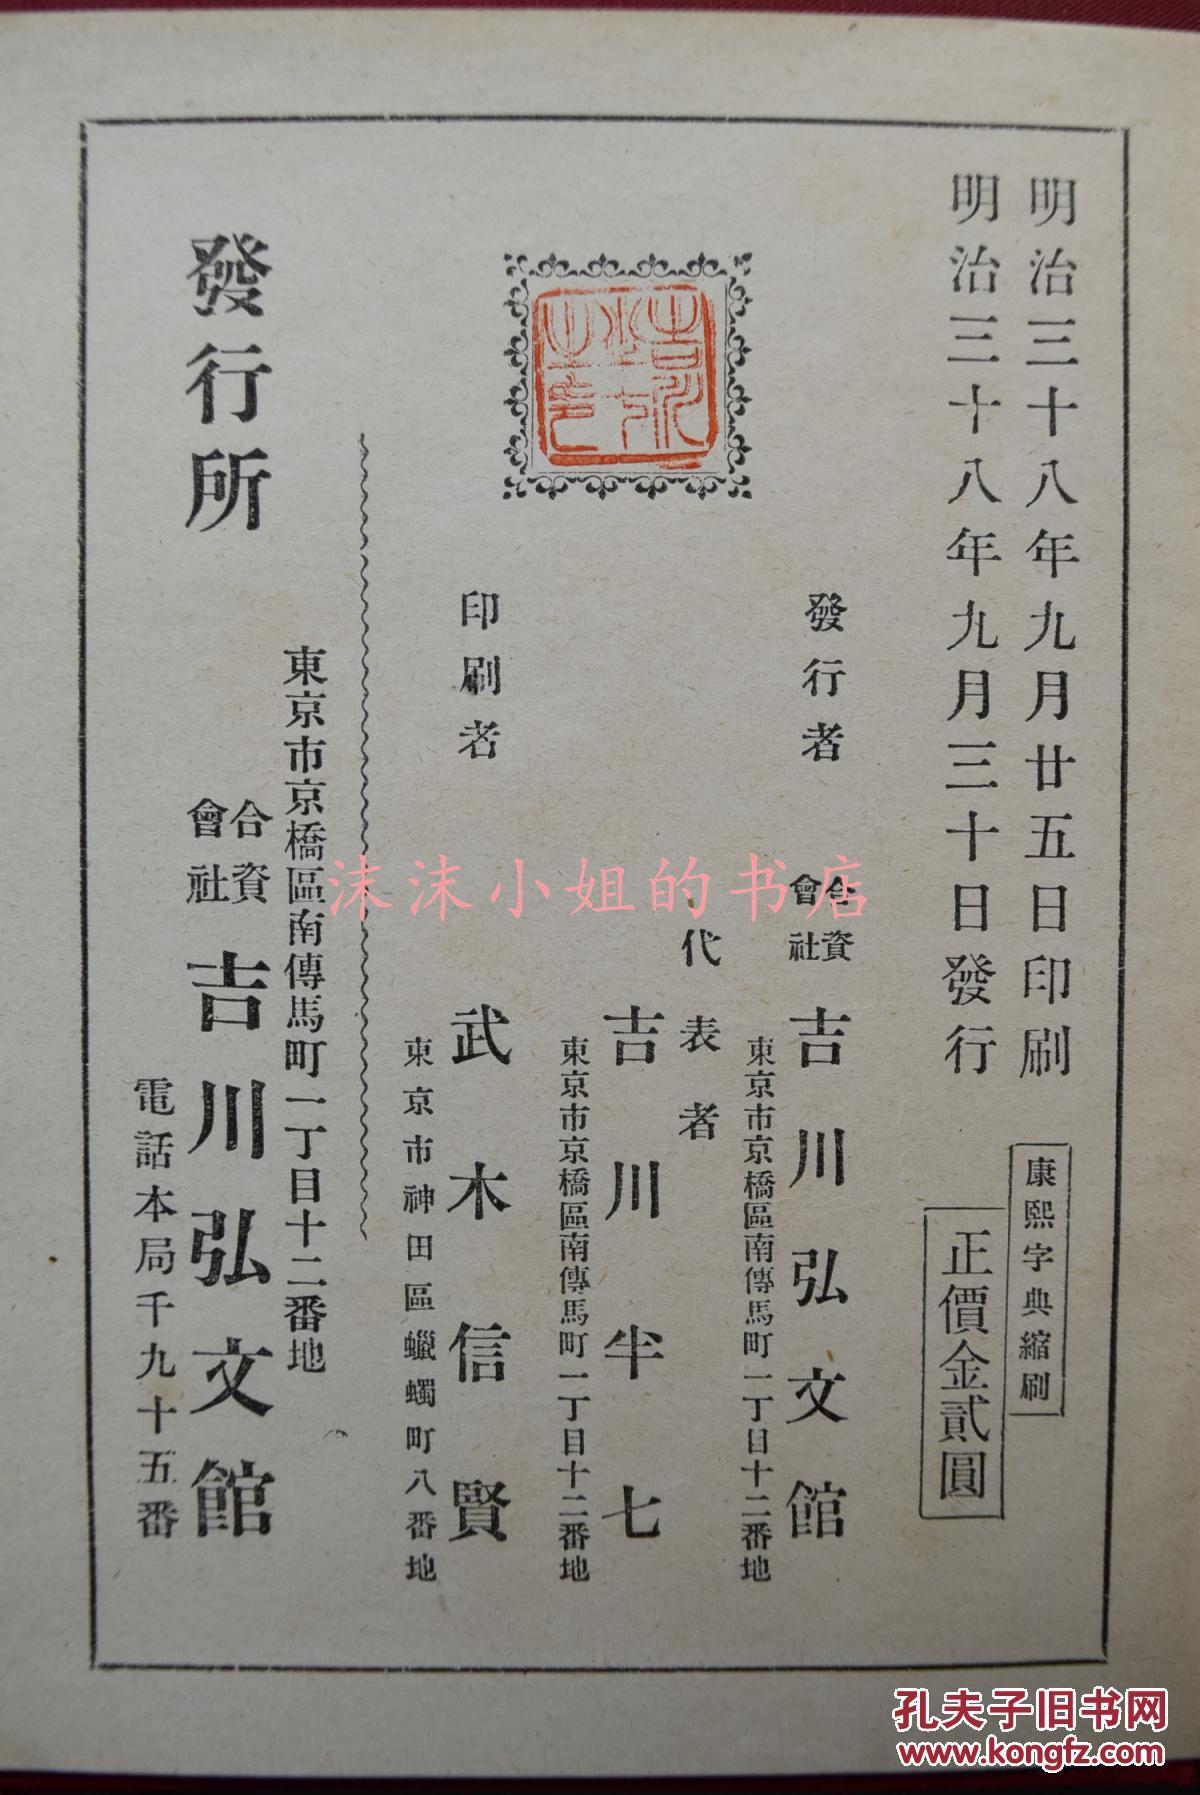 康熙字典中繁体字笔画是23画的所有字